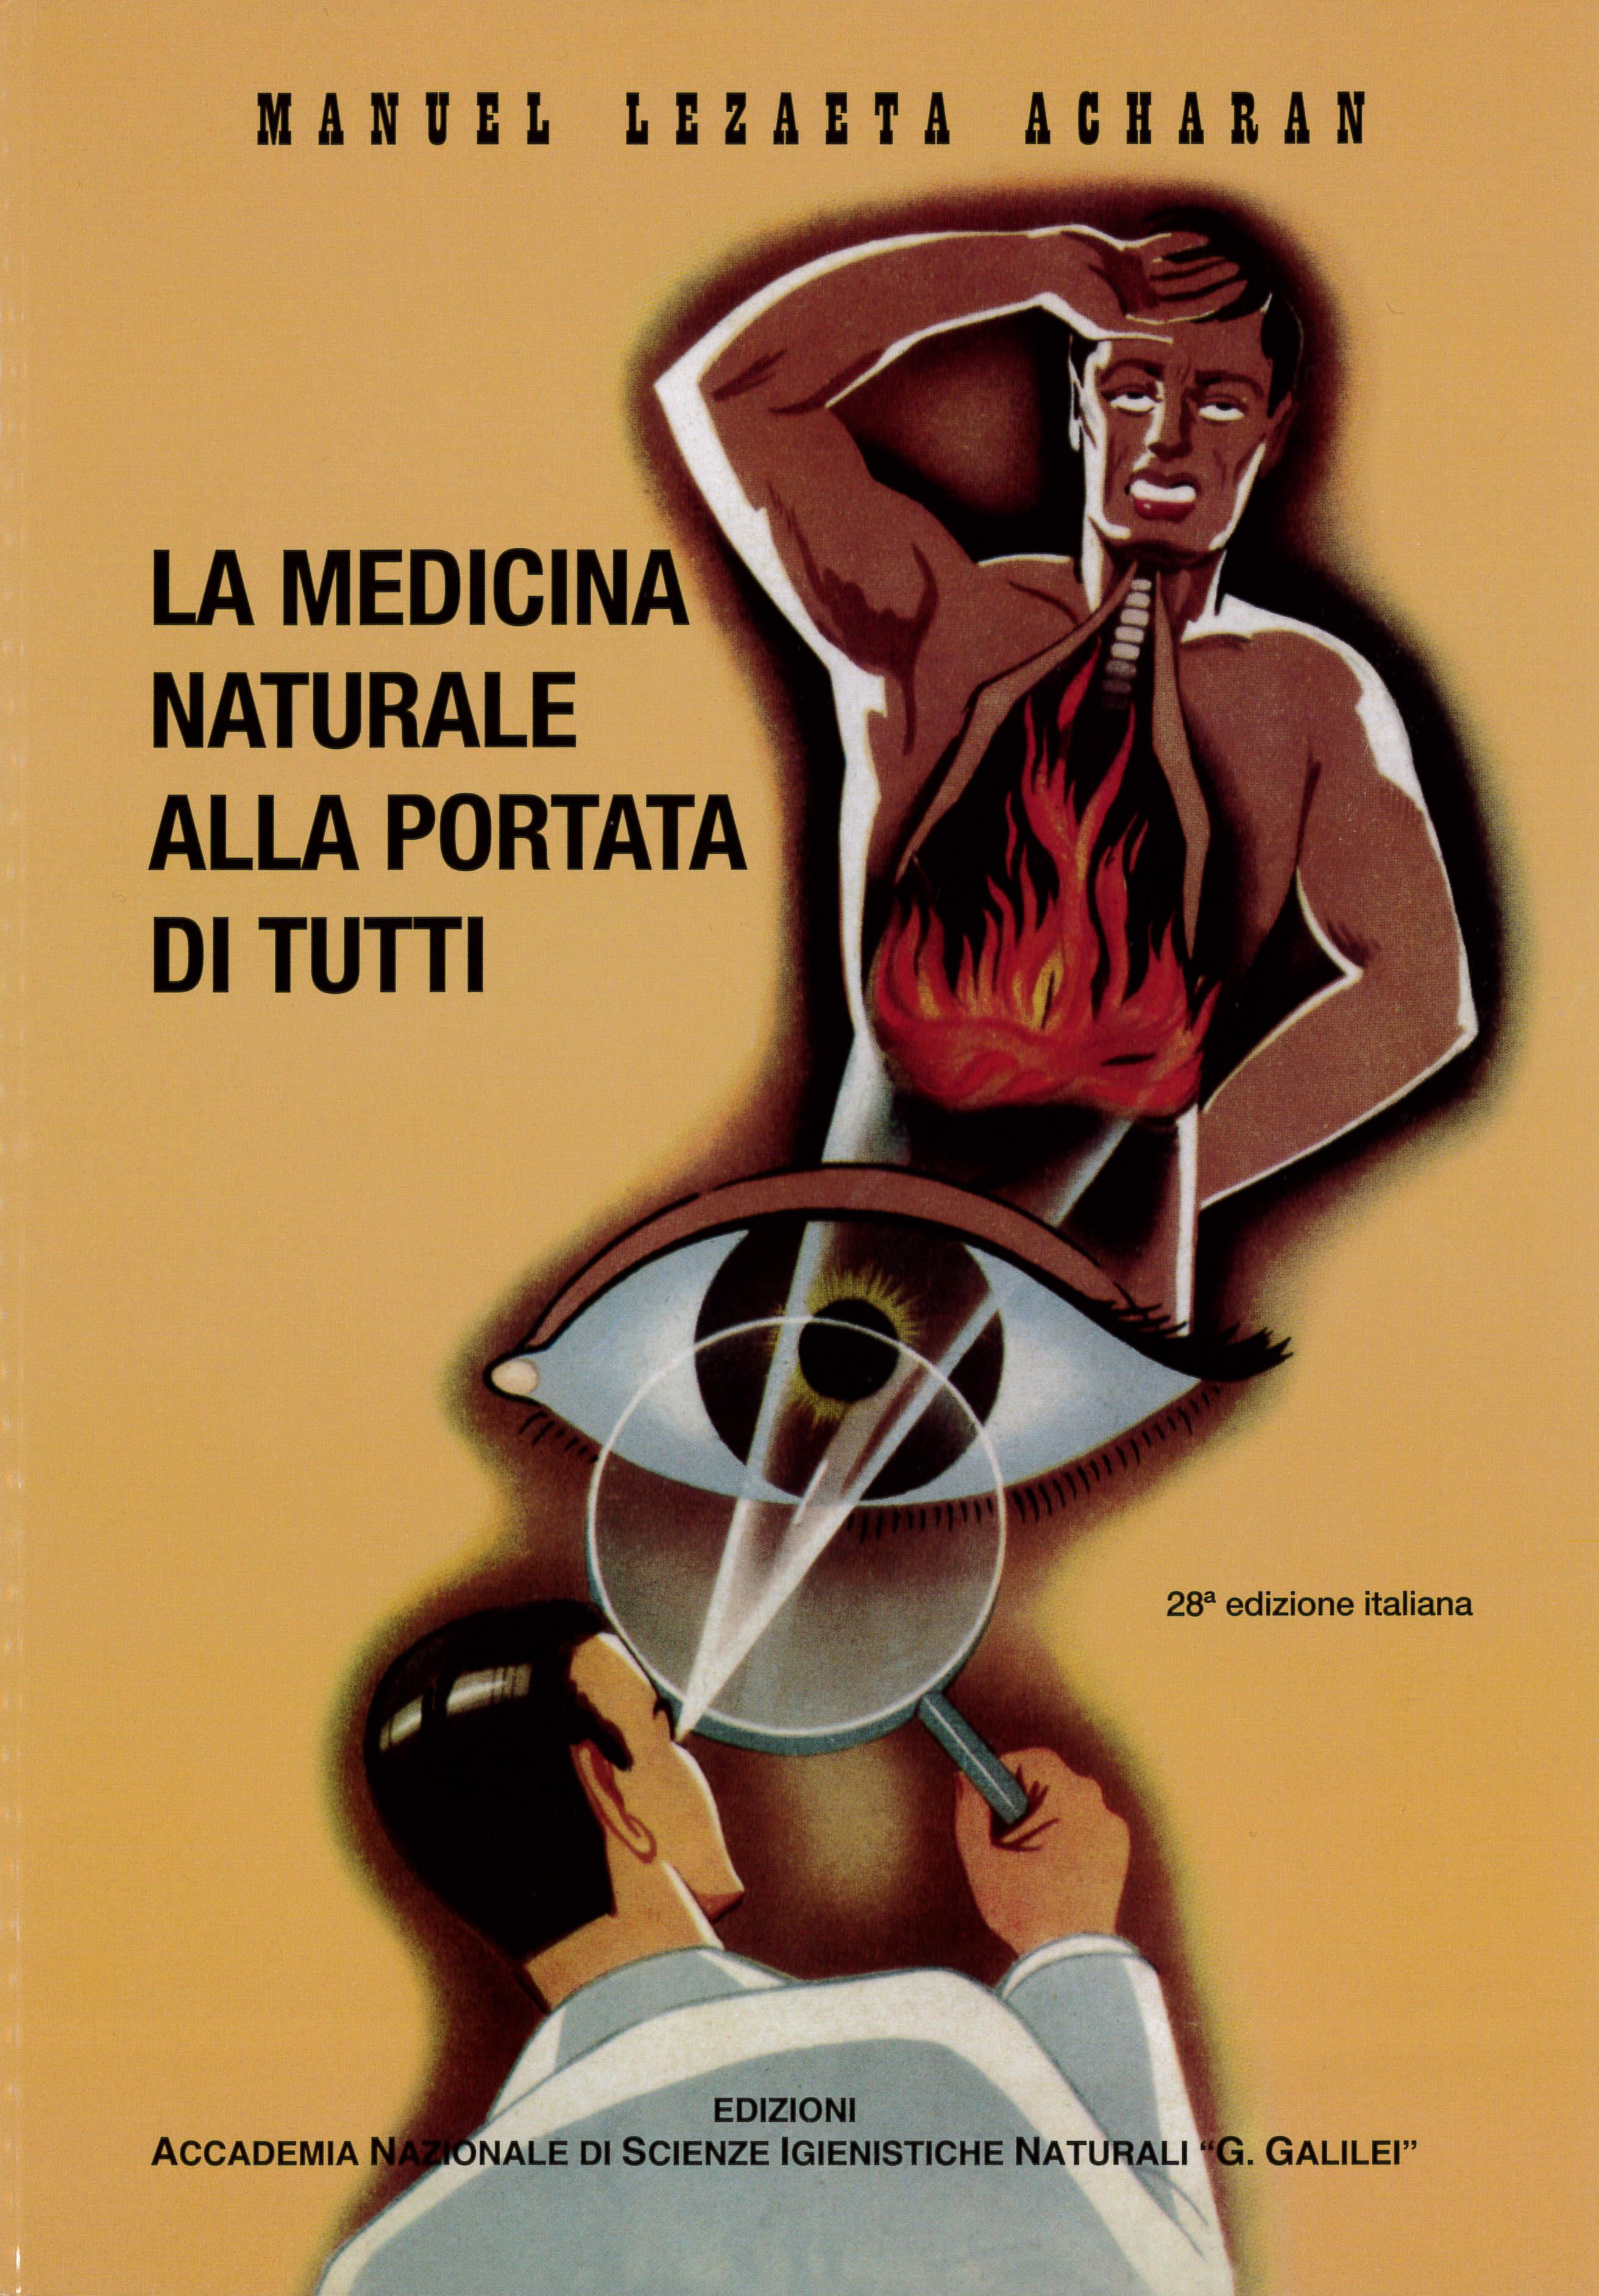 Medicina-naturale-alla-portata-di-tutti